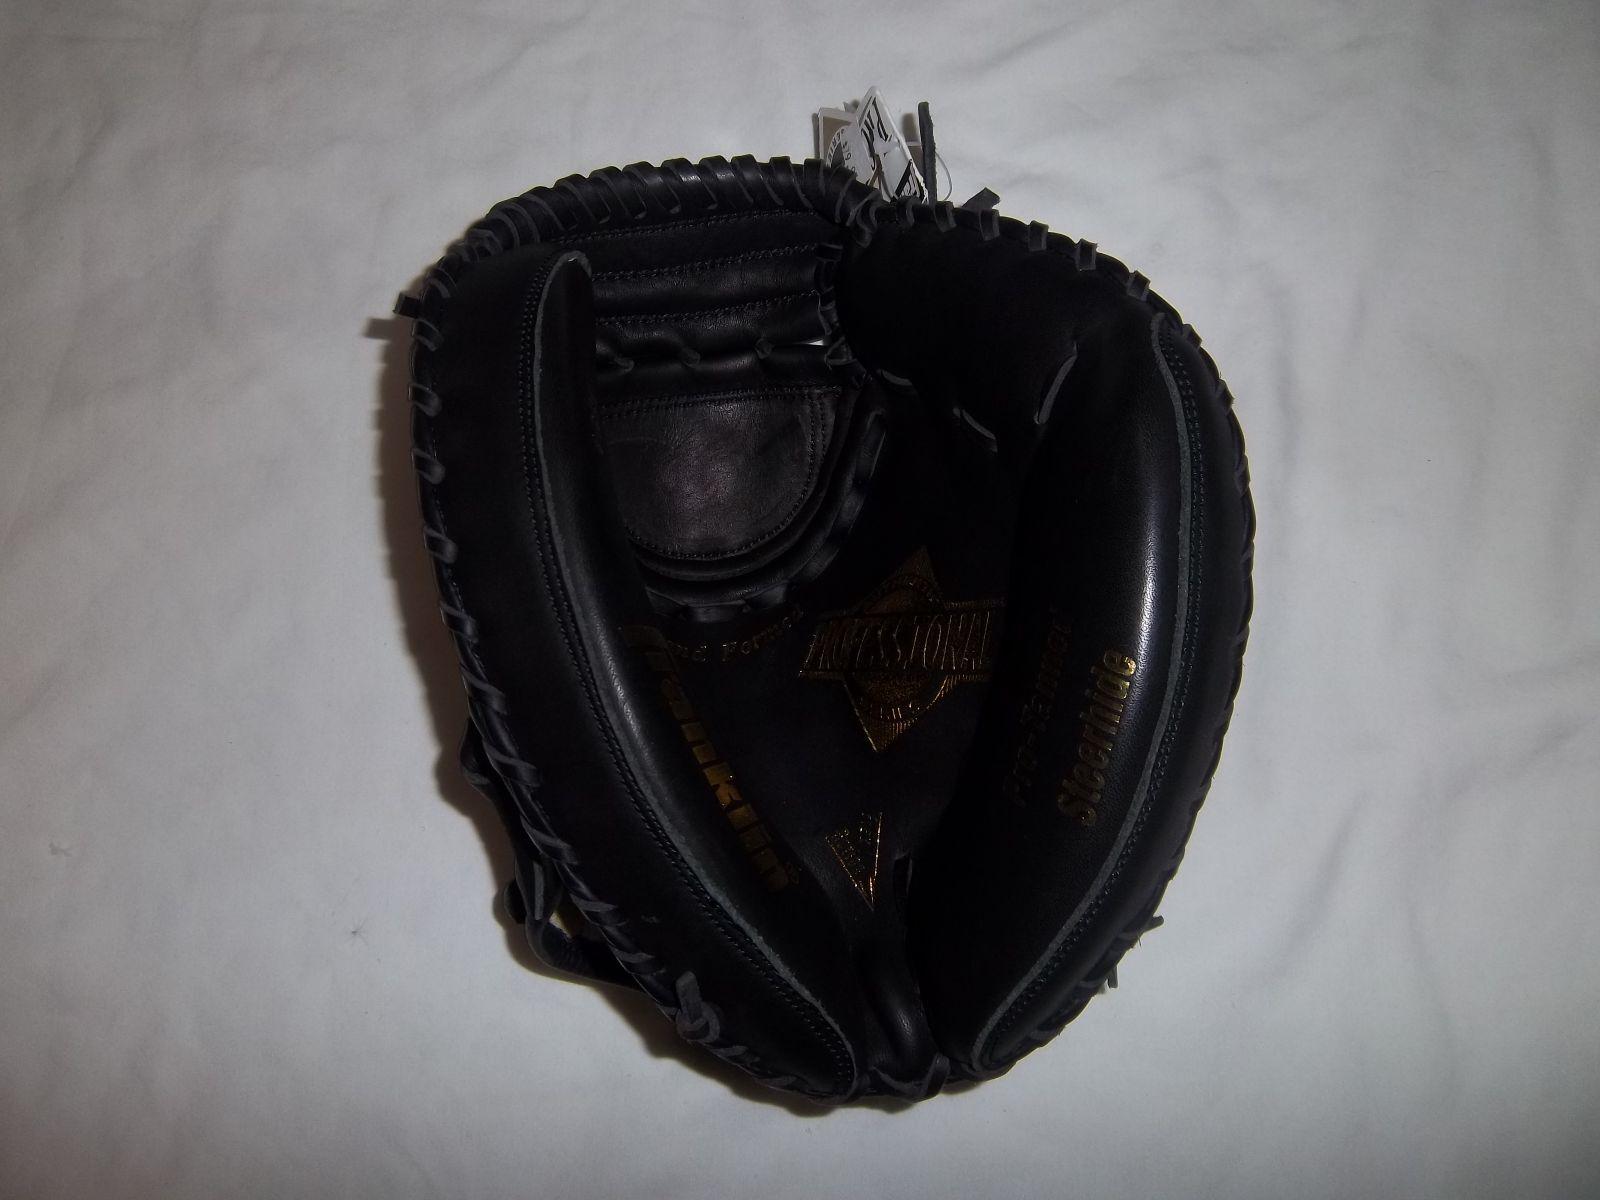 Franklin 4894B Profesional atrapasueños Guante Negro diestro lanzador-va en la mano izquierda